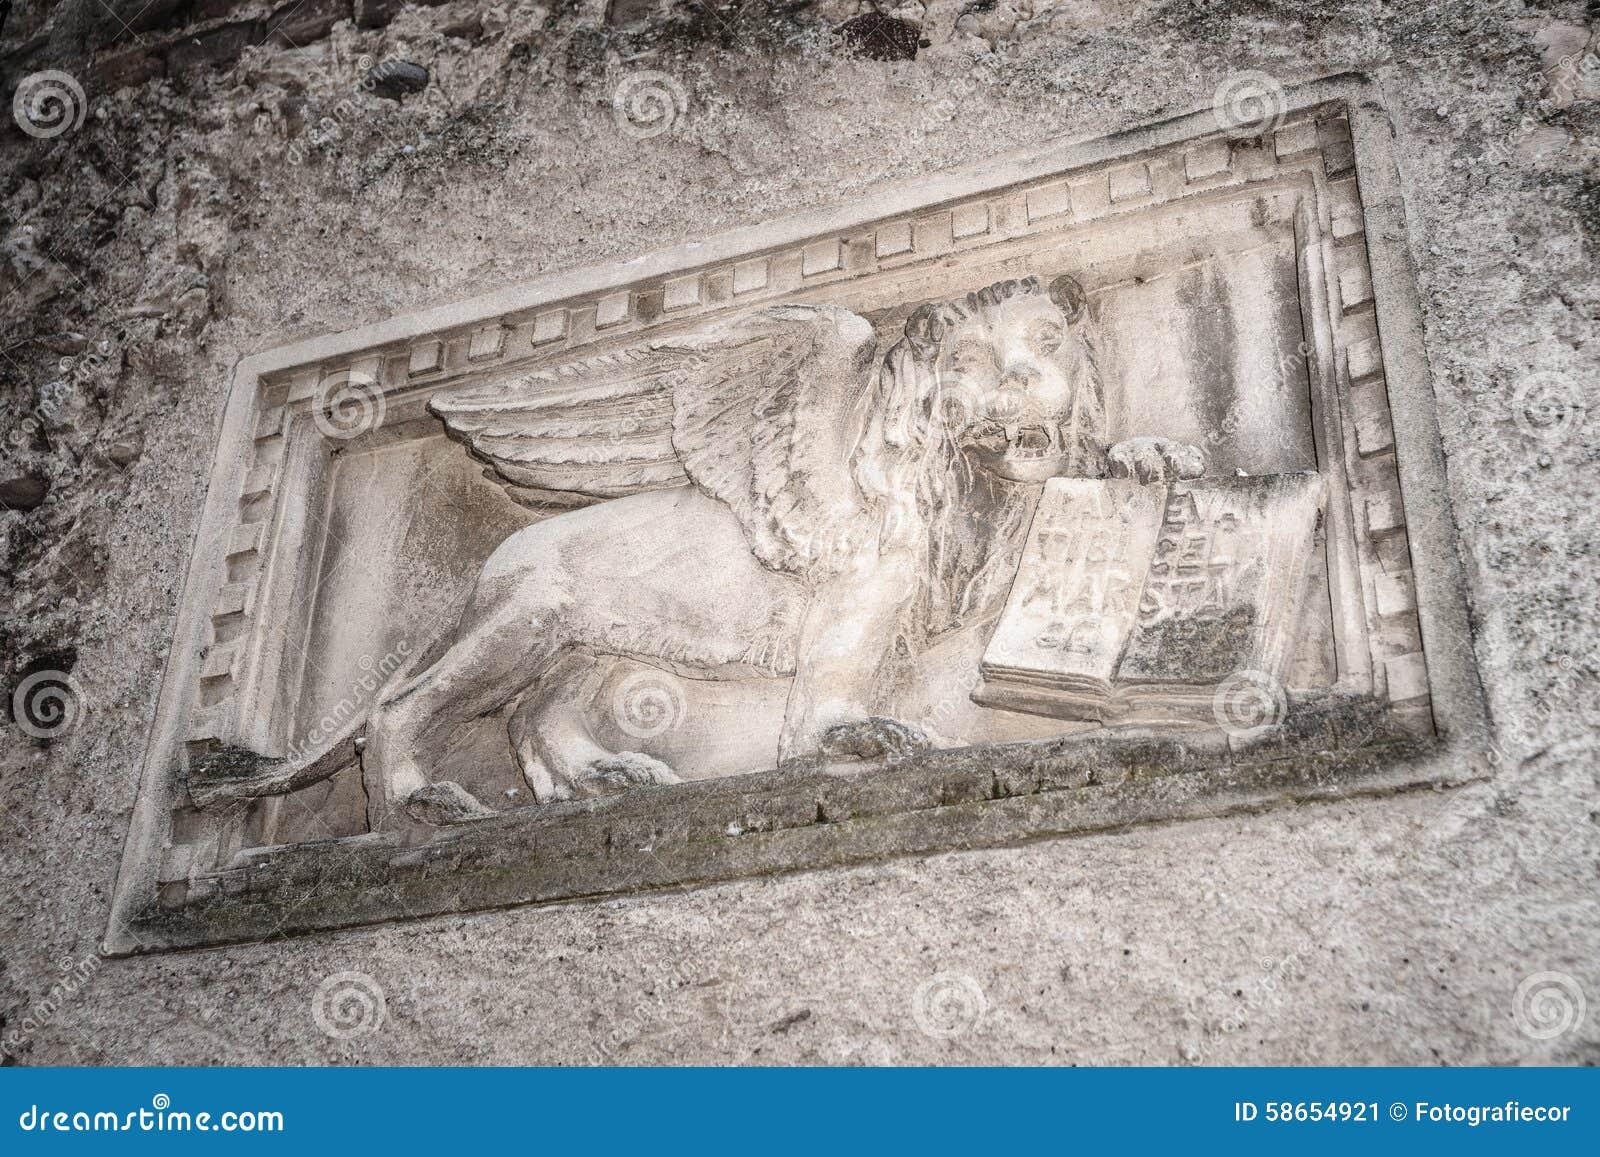 威尼斯式狮子的石浅浮雕在拉齐塞,意大利的.图片